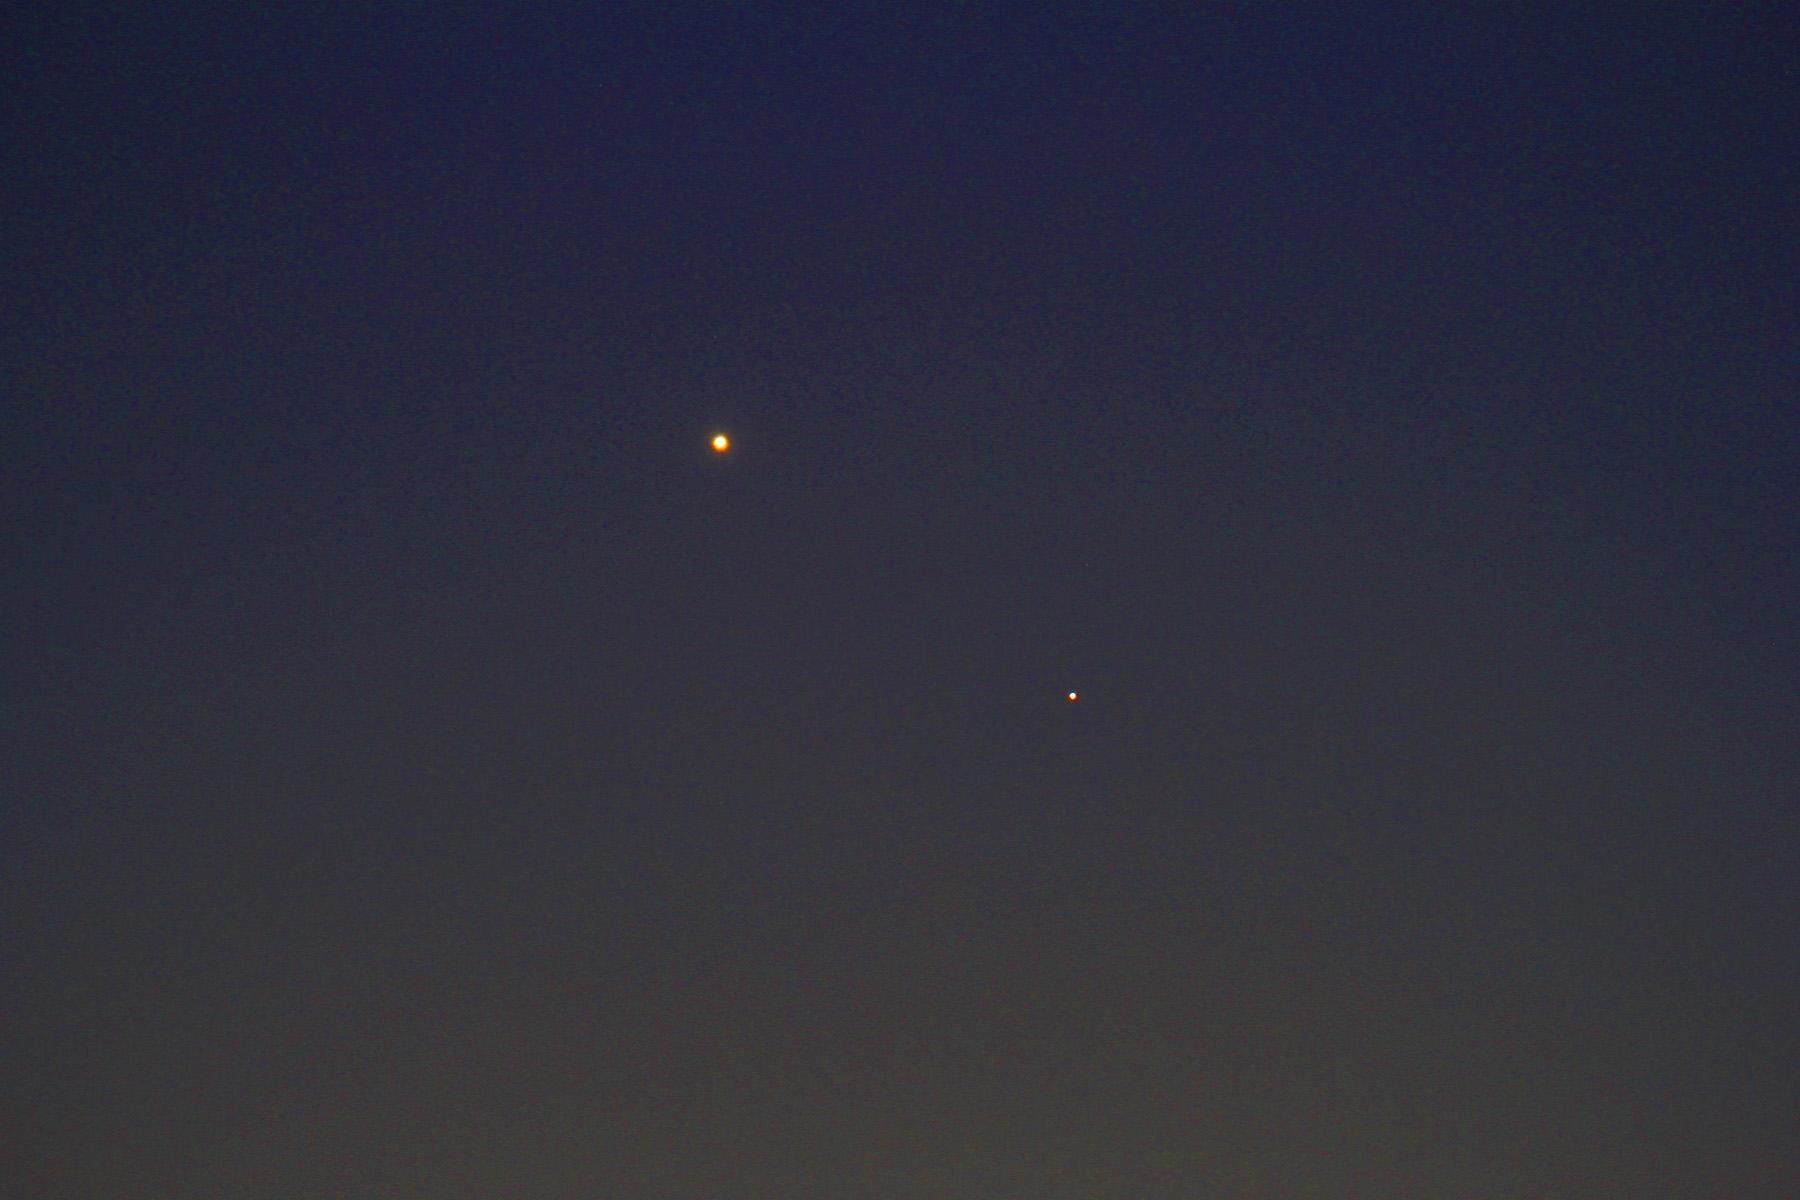 Conjunció venus - mercuri amb telescopi